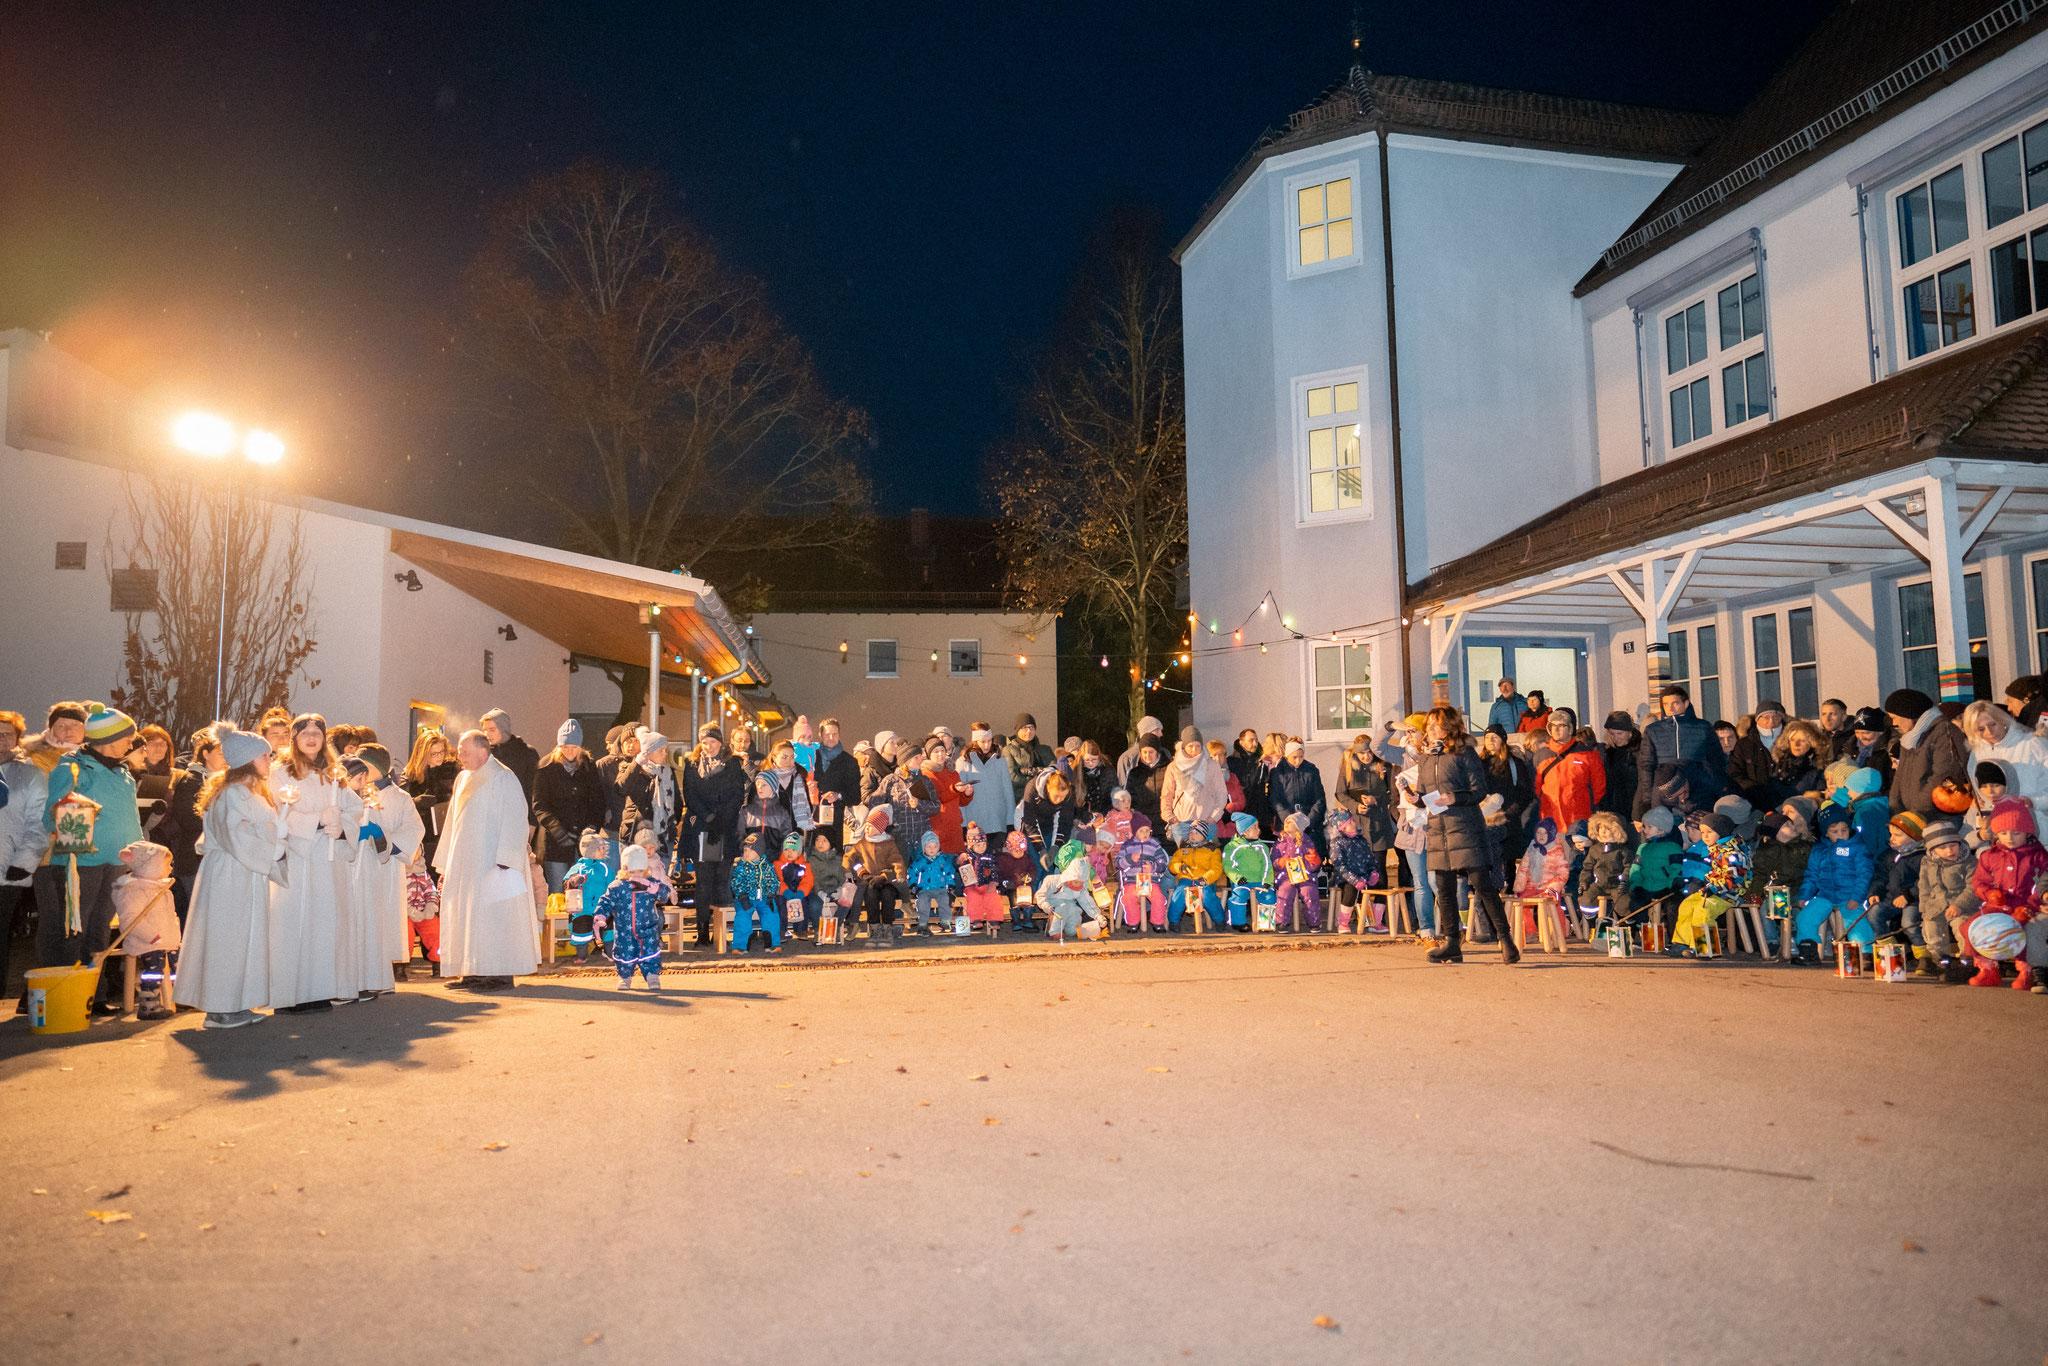 Martinsfeier im Schulhof mit Diakon Pfänder